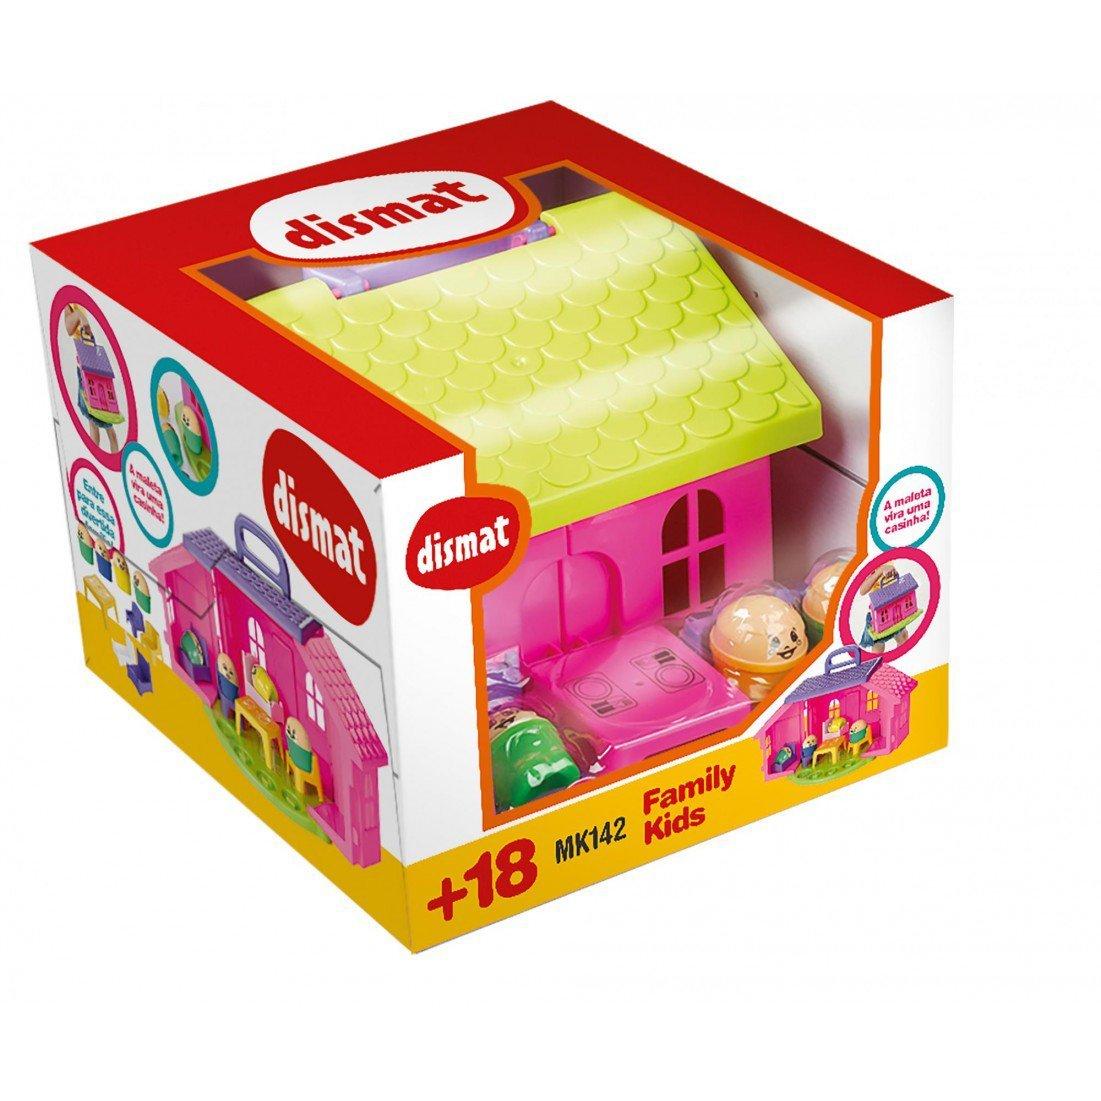 Casinha Family Kids - Dismat Mk142